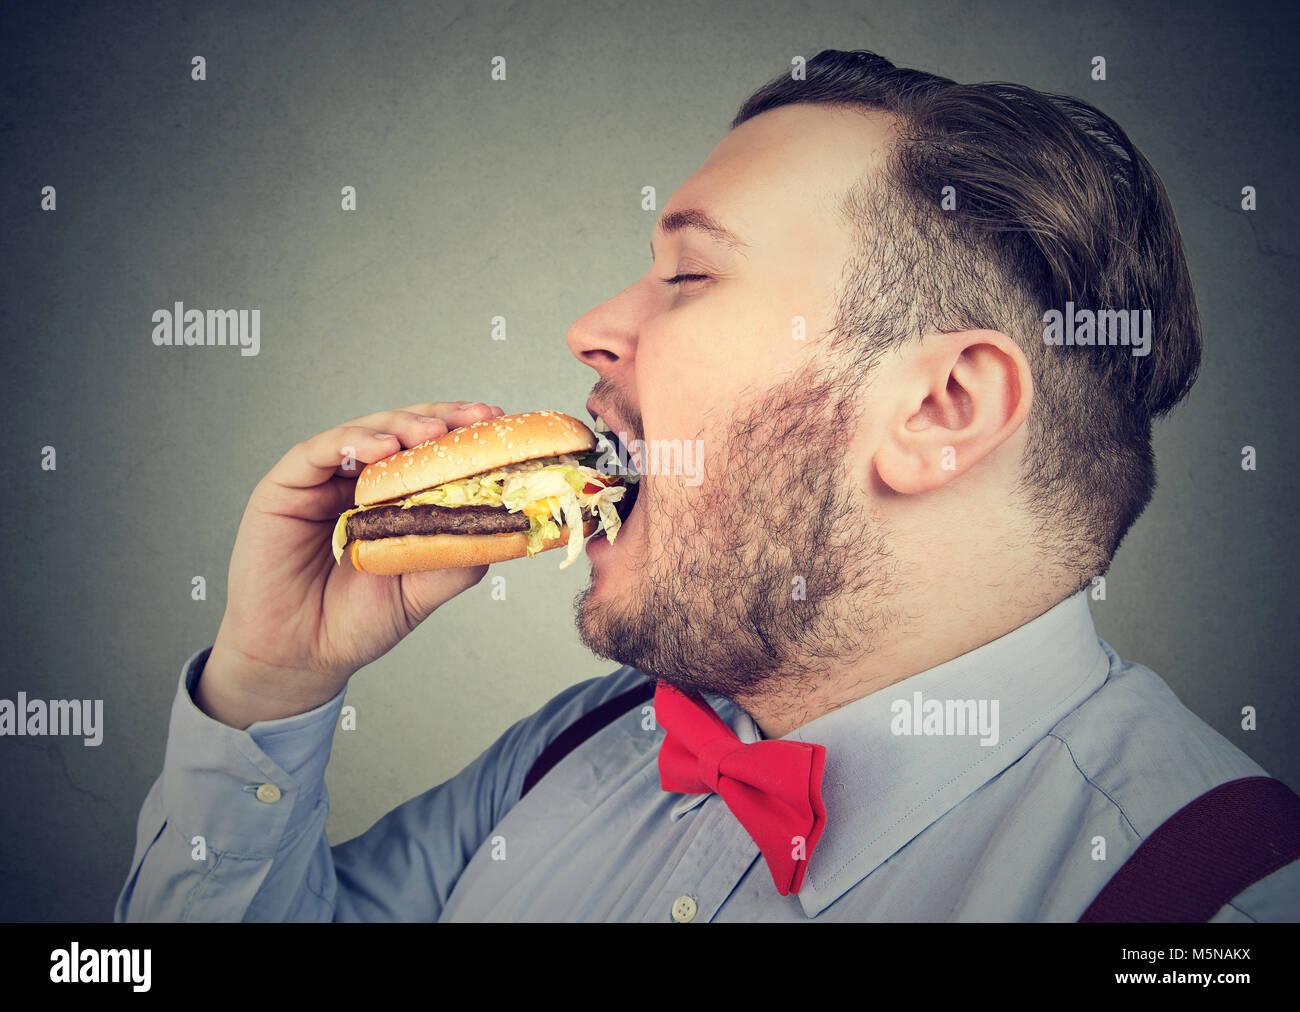 Seite Profil von Fat man Essen einen saftigen Hamburger Stockbild